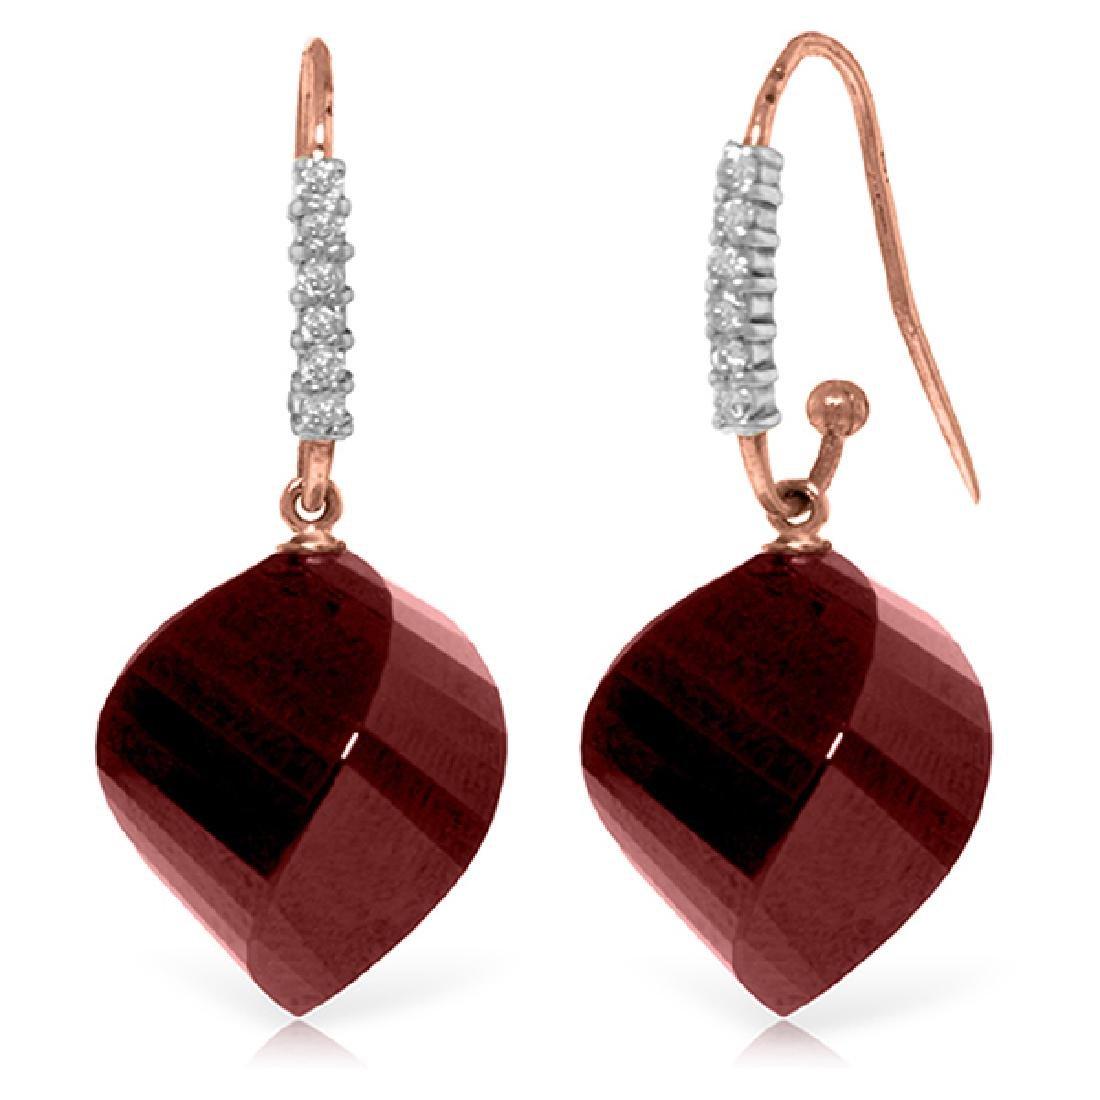 Genuine 30.68 ctw Ruby & Diamond Earrings Jewelry 14KT